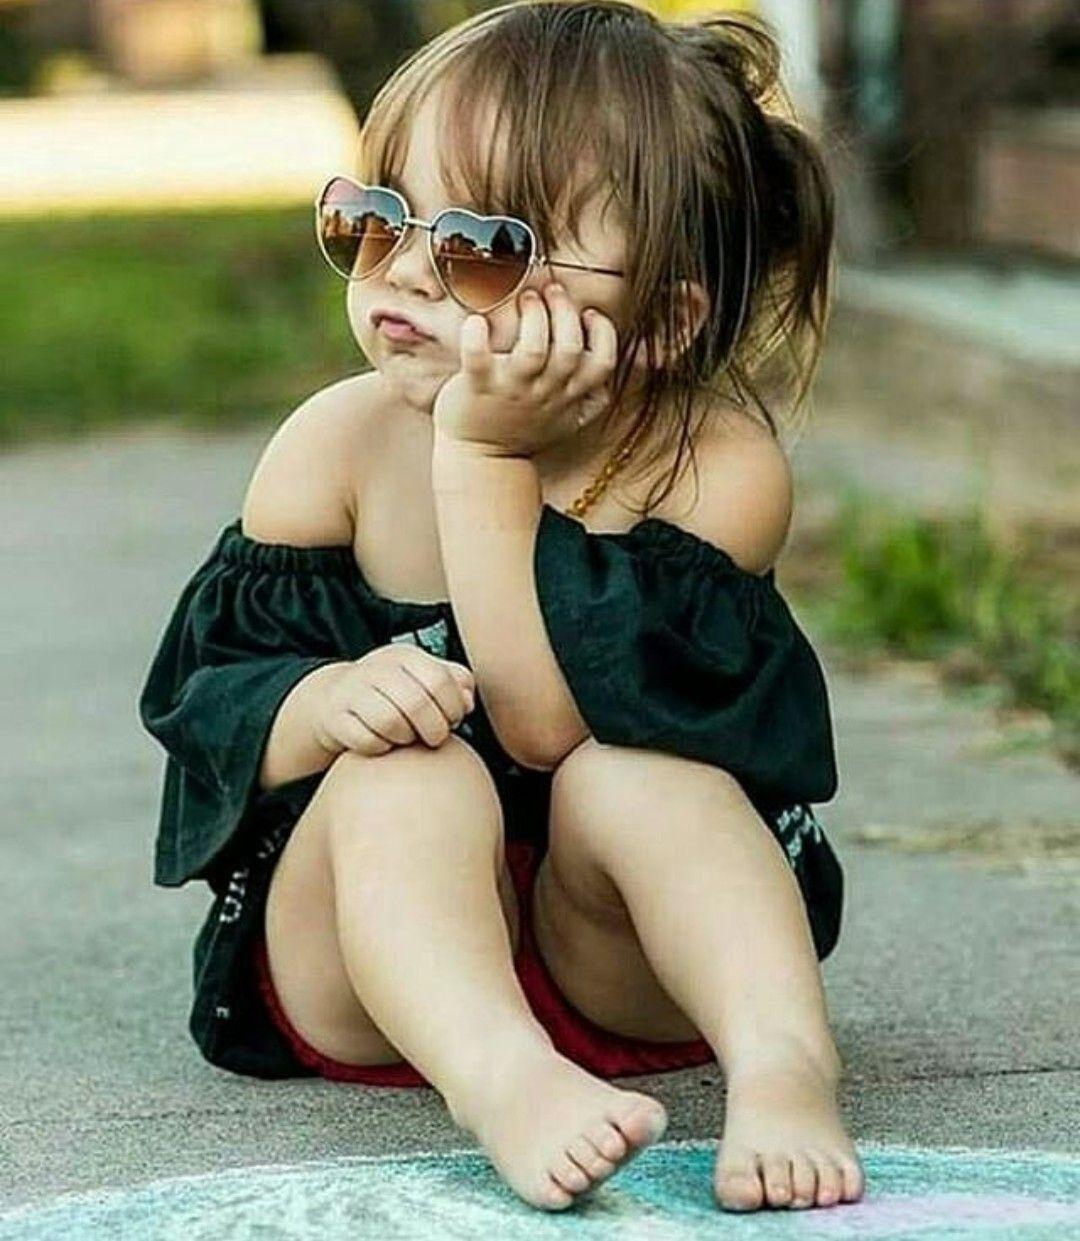 خلفيات اطفال جميلة اطفال جميلة خلفيات Baby Girl Pictures Cute Baby Girl Pictures Cute Little Girls